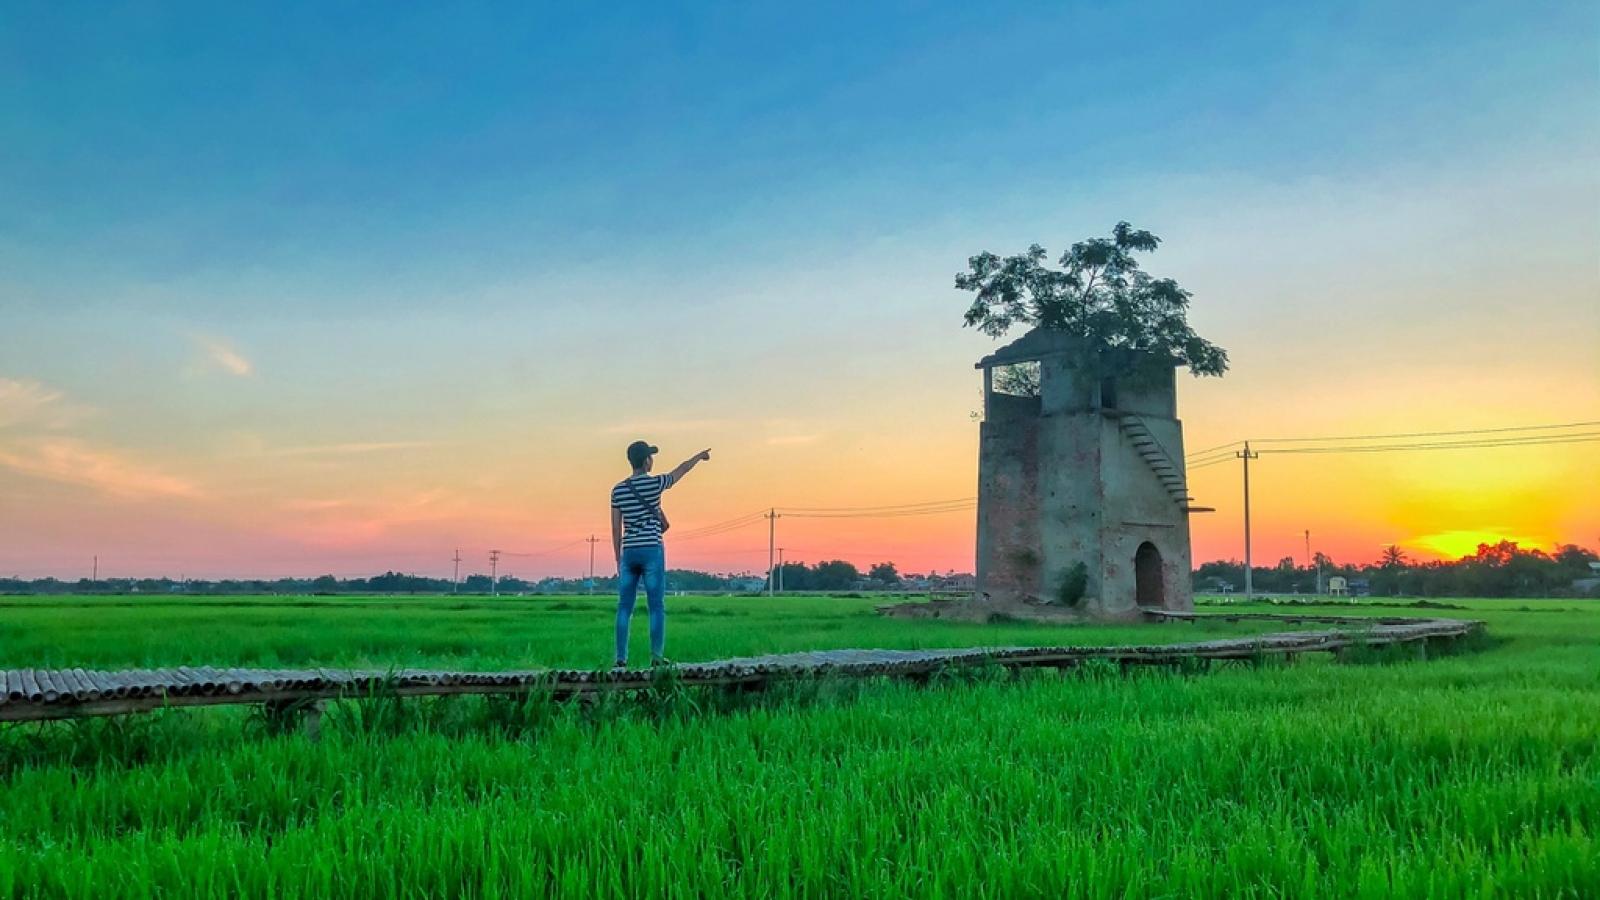 Lò gạch cũ gần Hội An đẹp như phim trong khung hình check-in